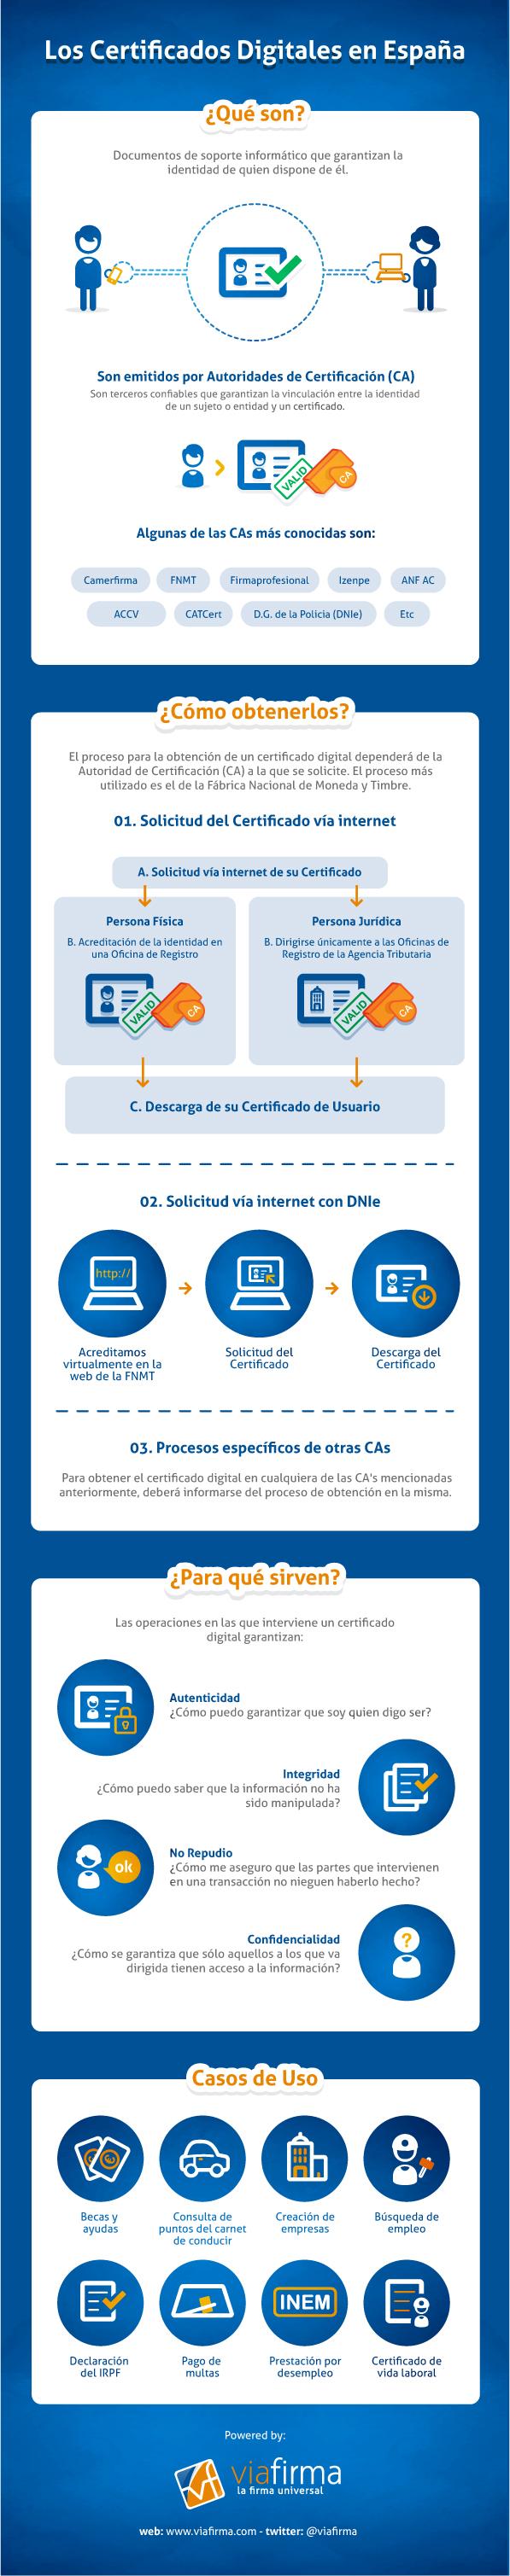 Certificados digitales en España